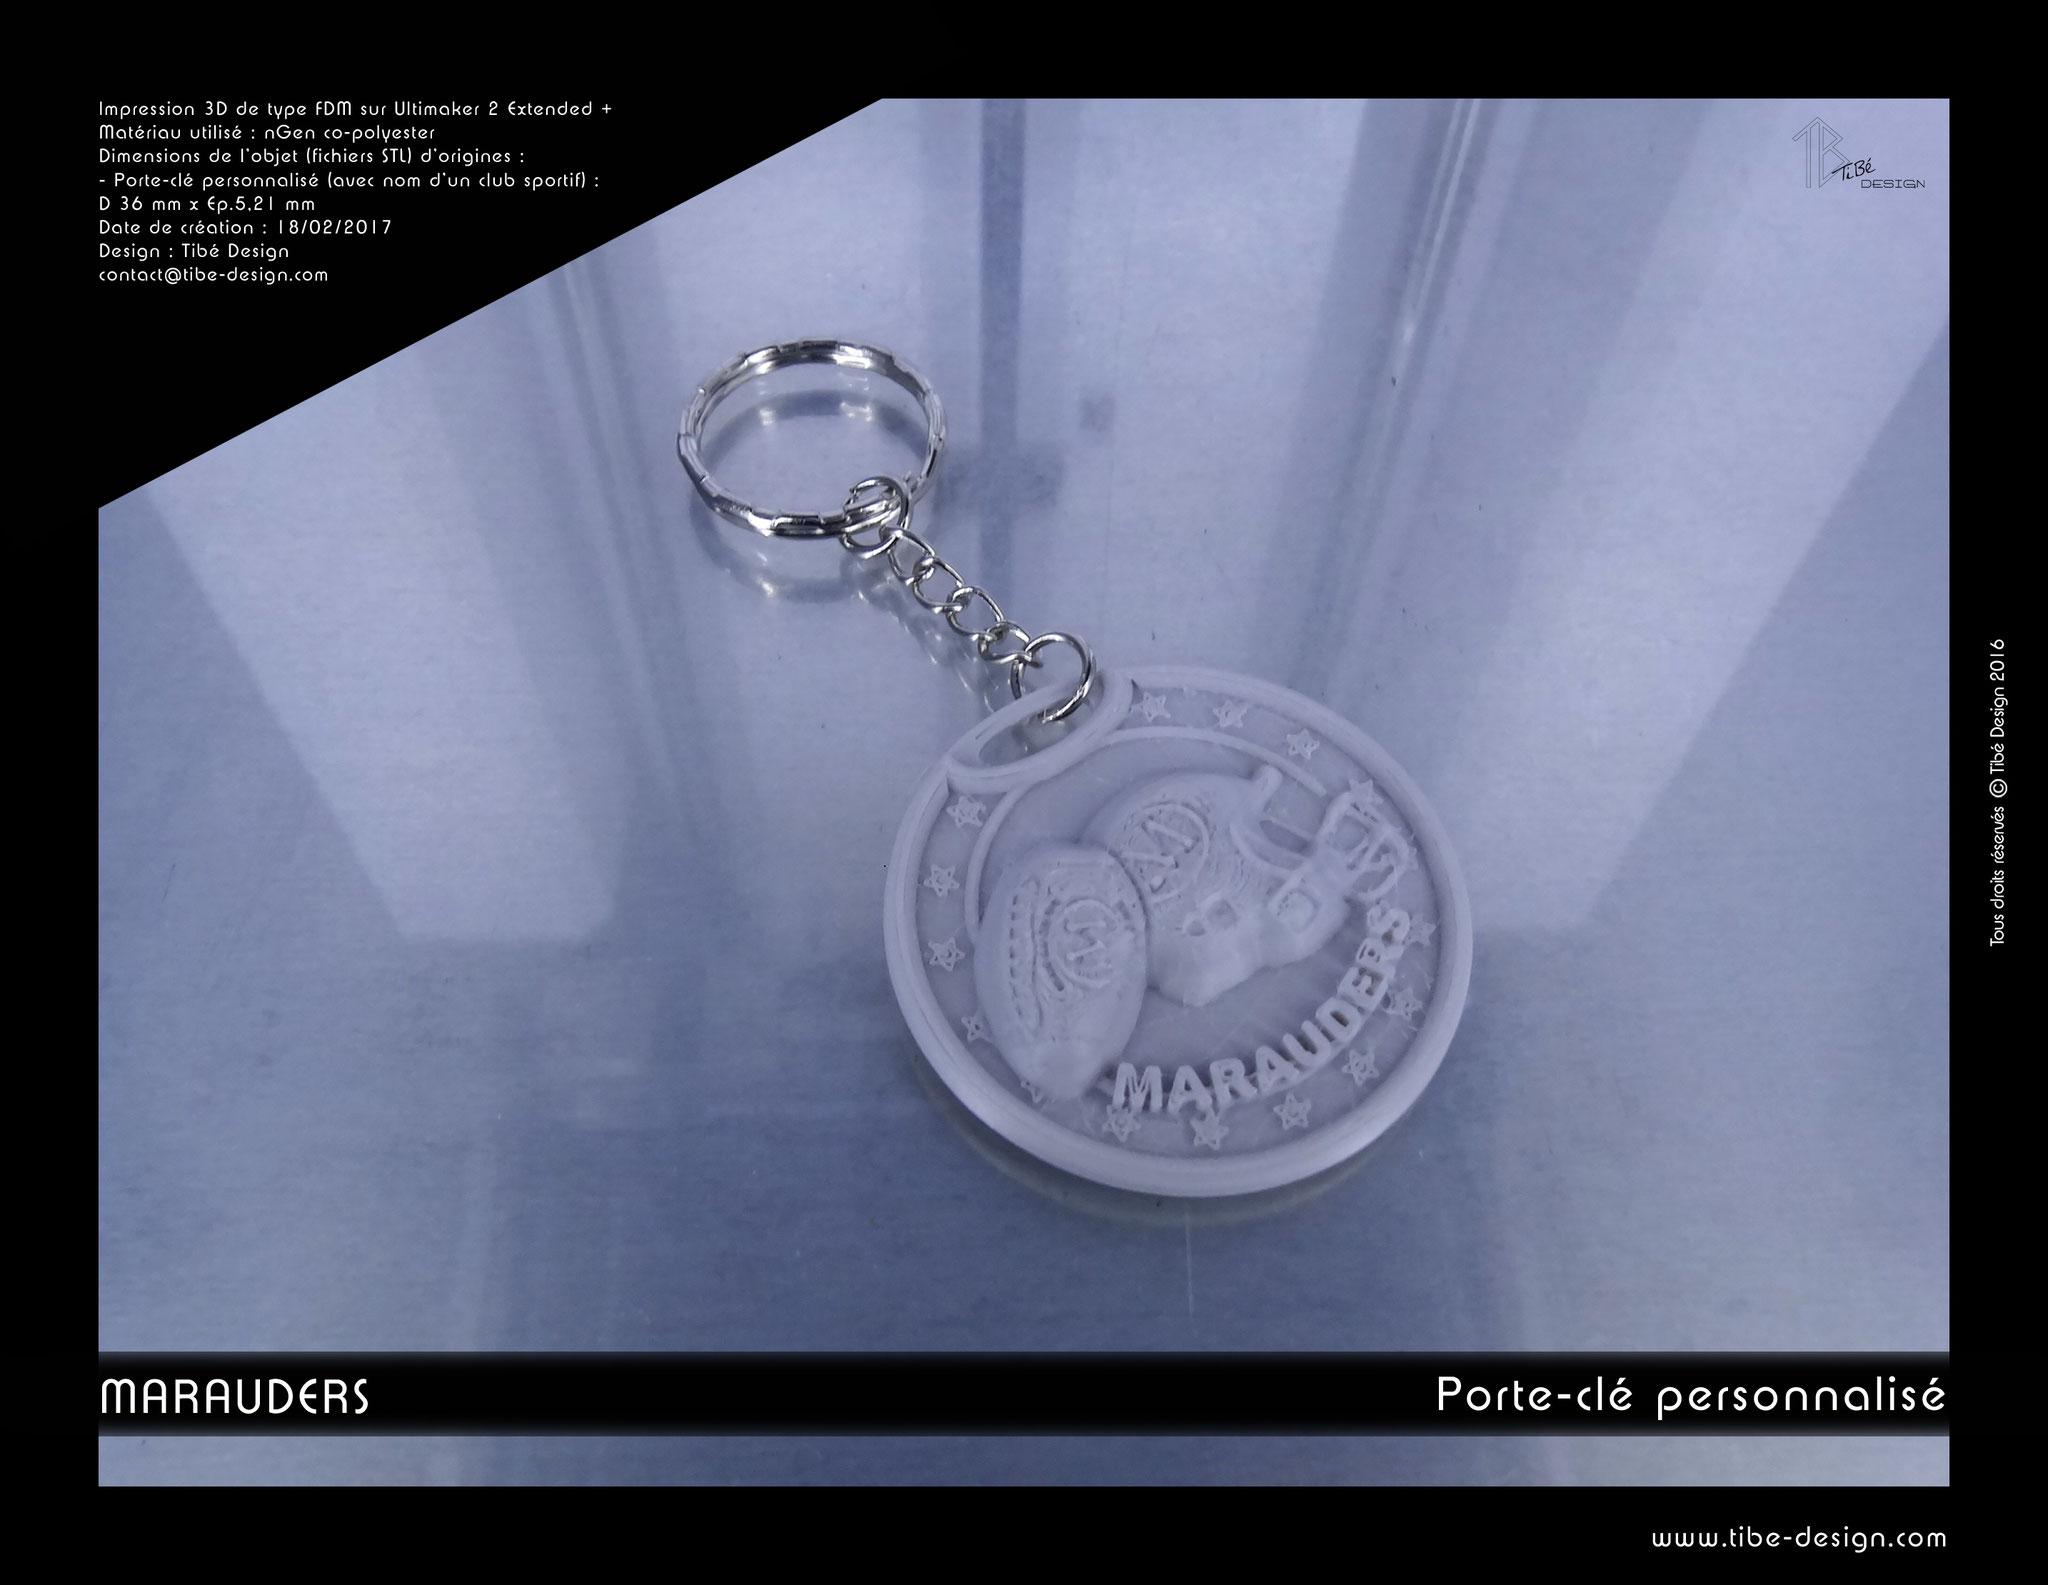 Porte-clés Marauders